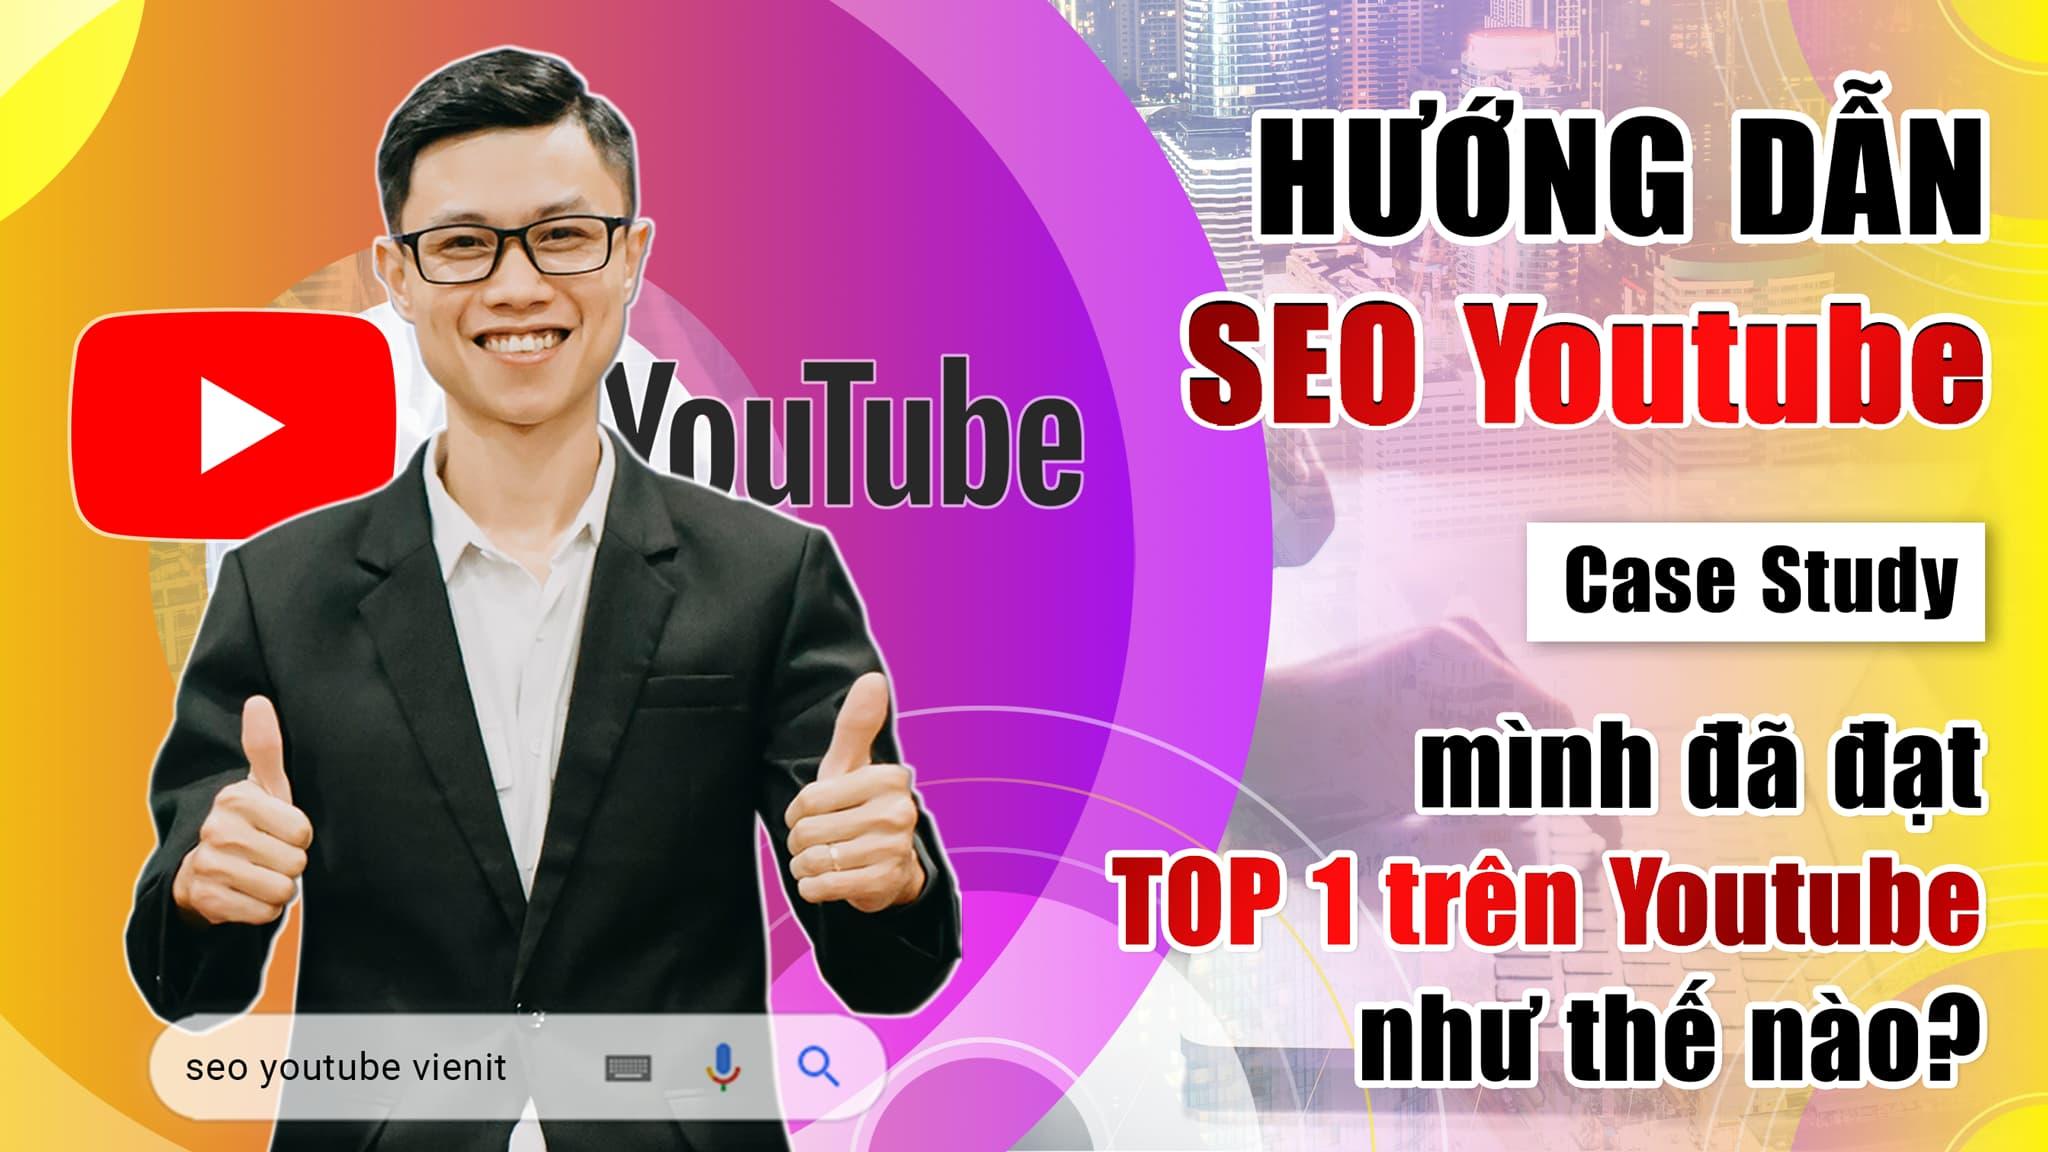 Video Hướng dẫn SEO video và kênh Youtube lên TOP hiệu quả